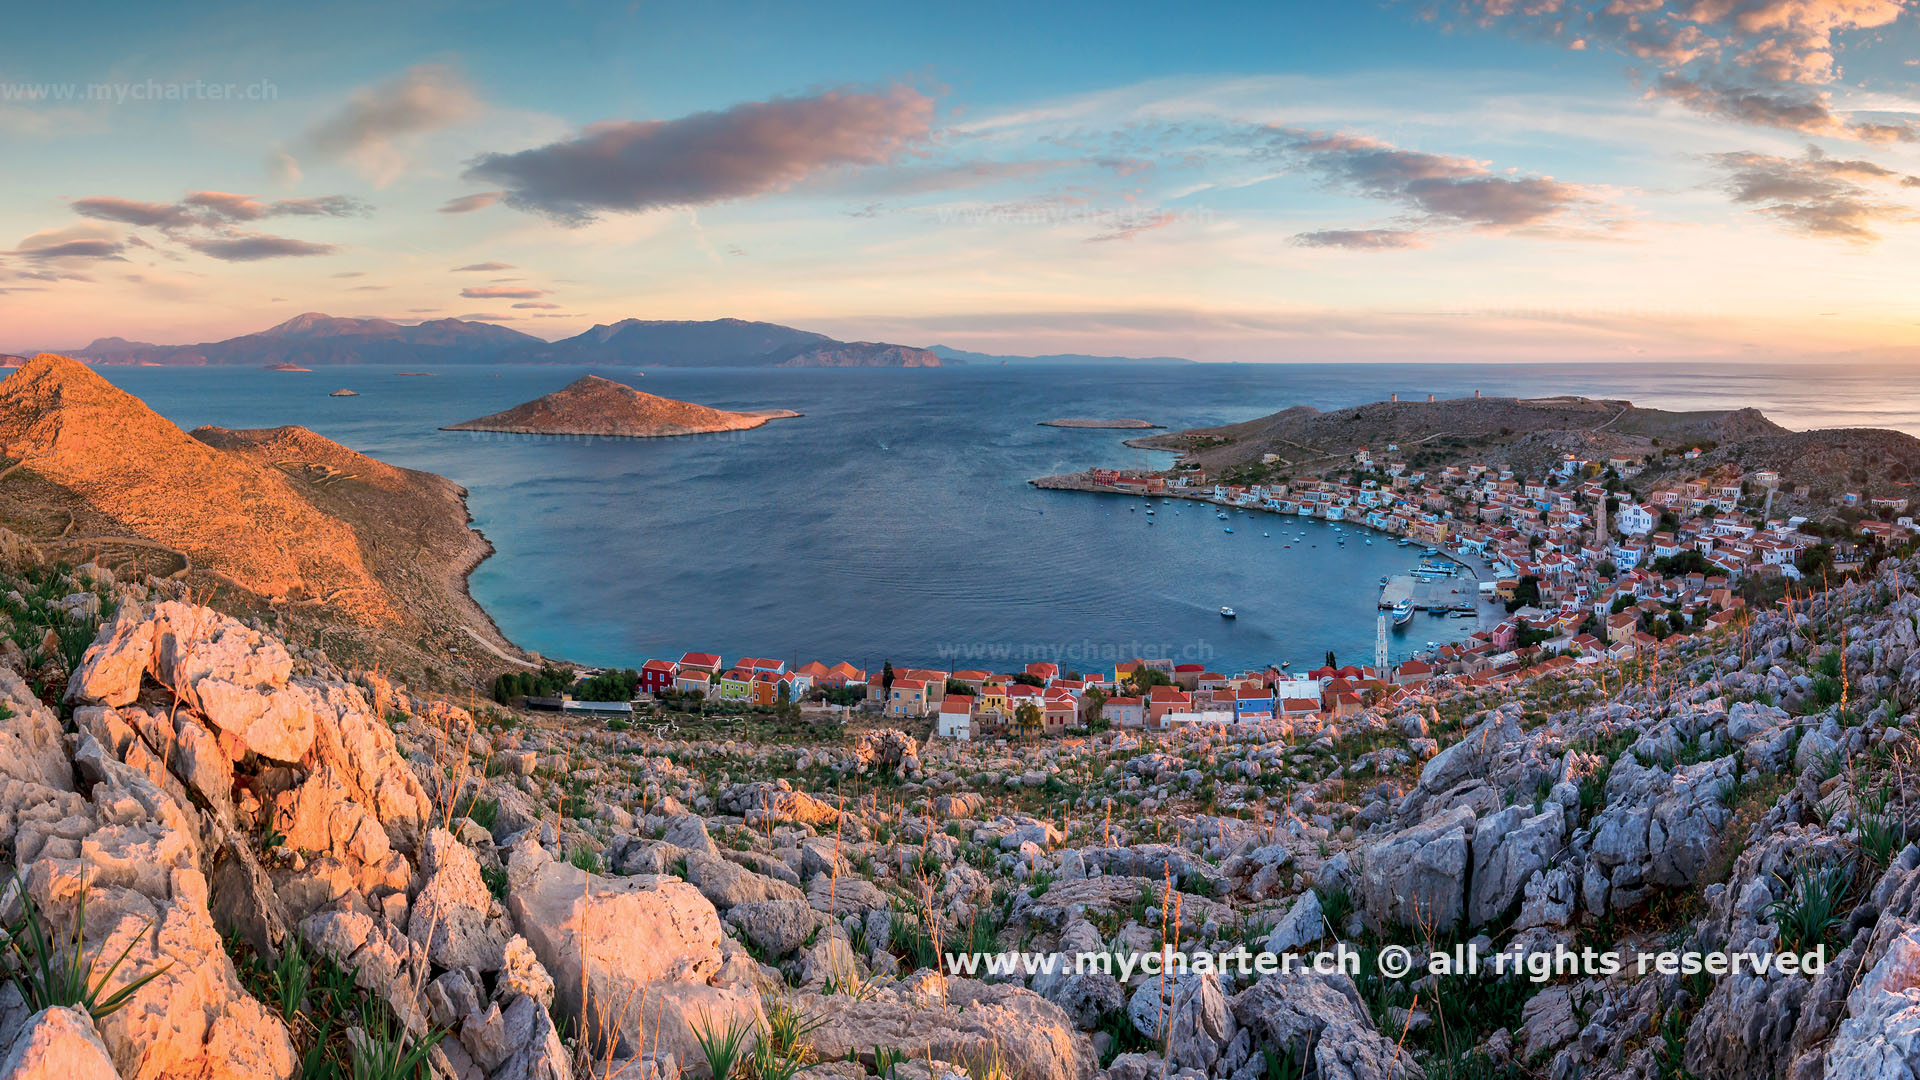 Griechenland - Chalki